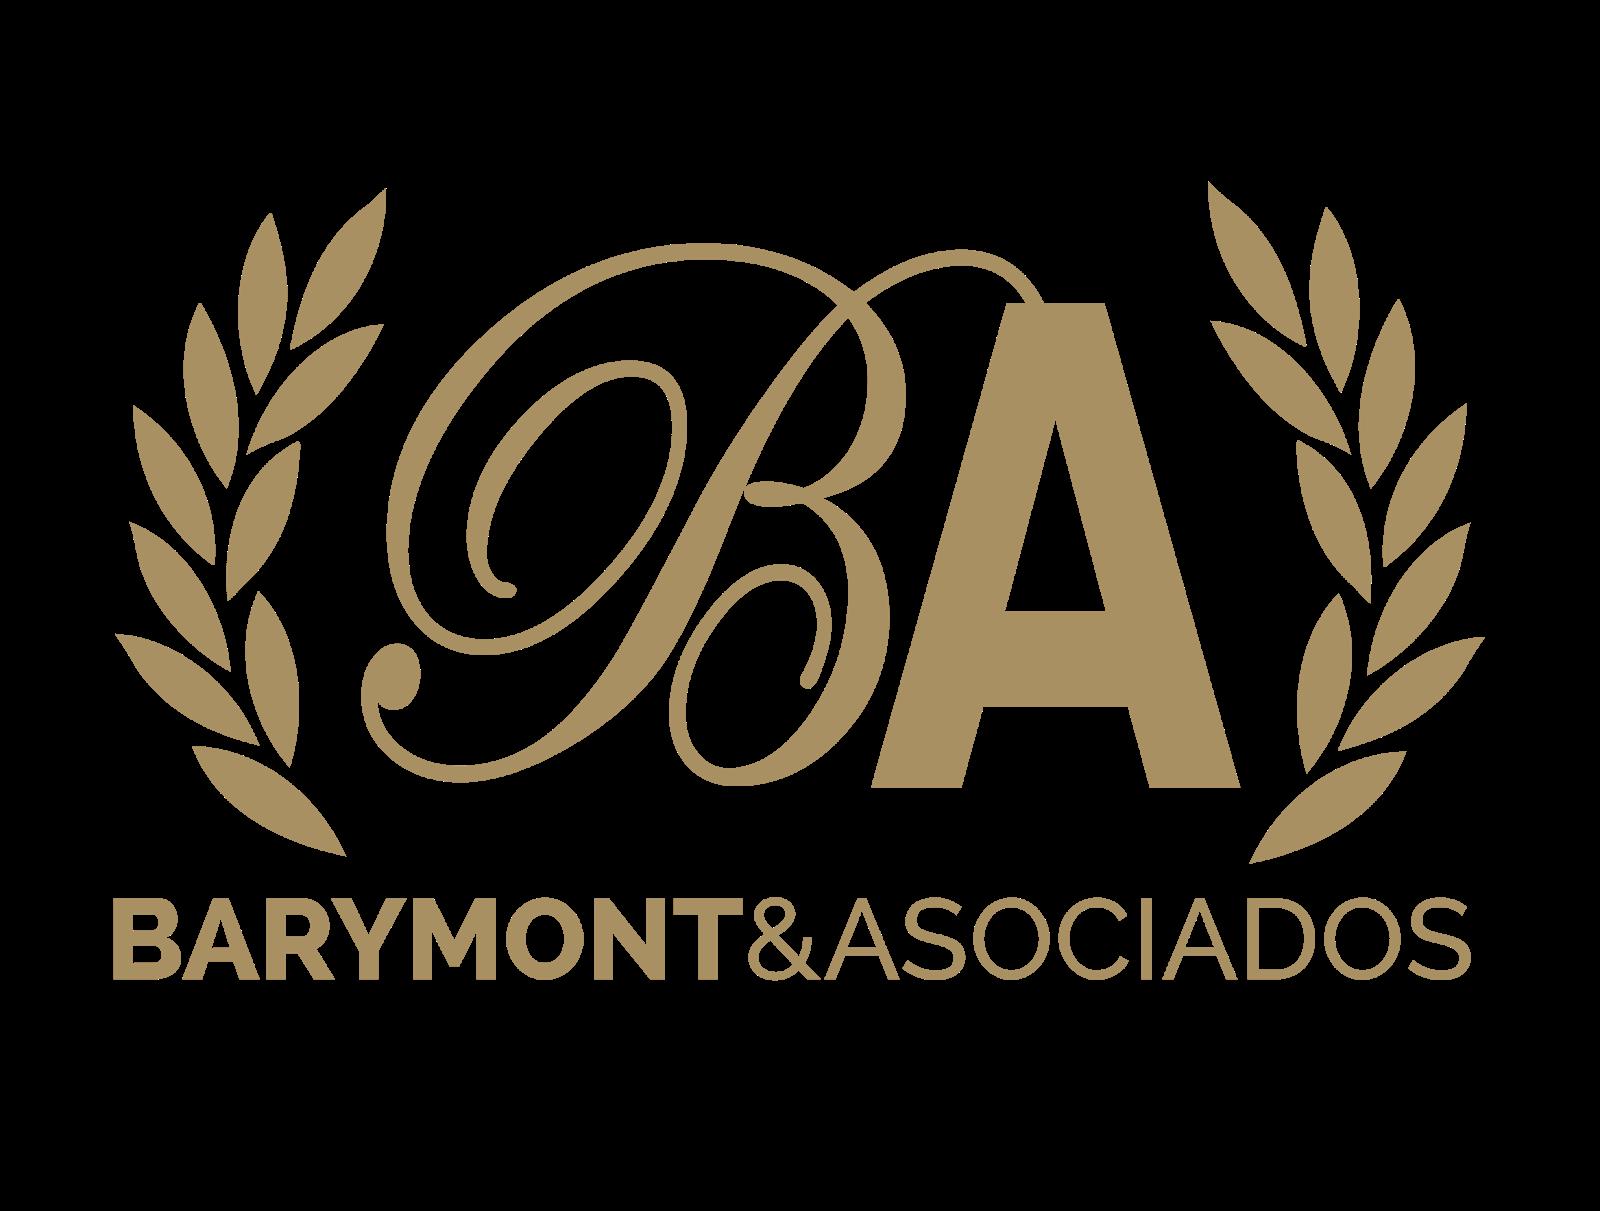 Barymont